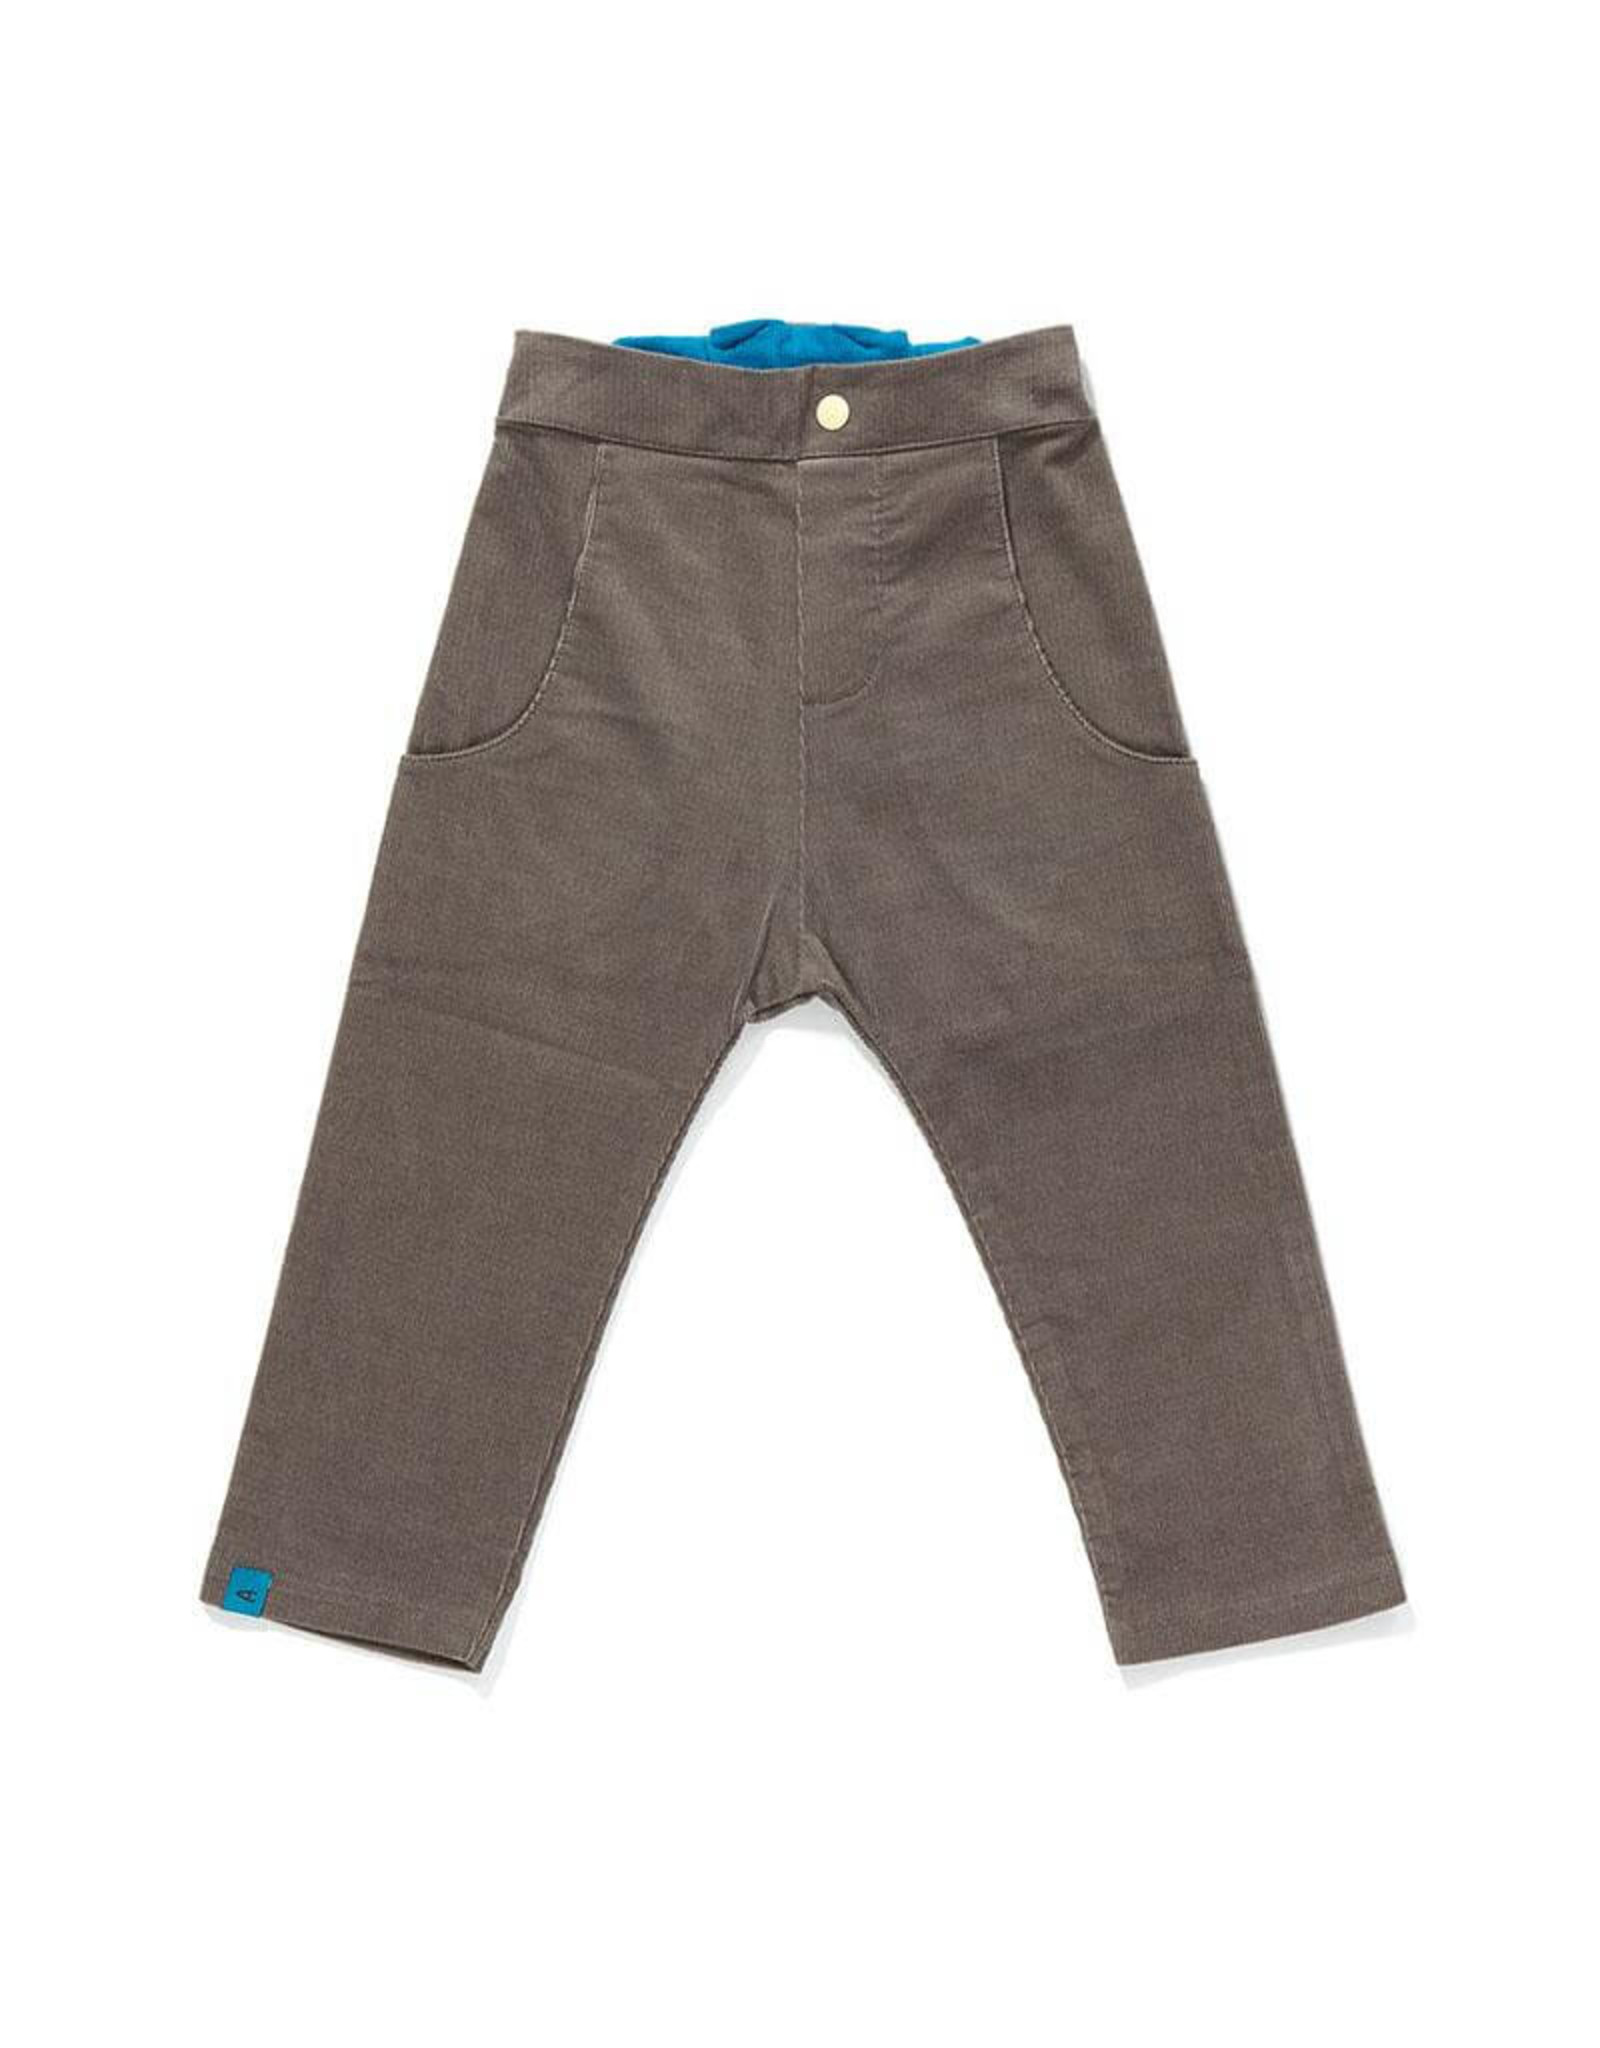 Albababy Alba baby pants - fune pants